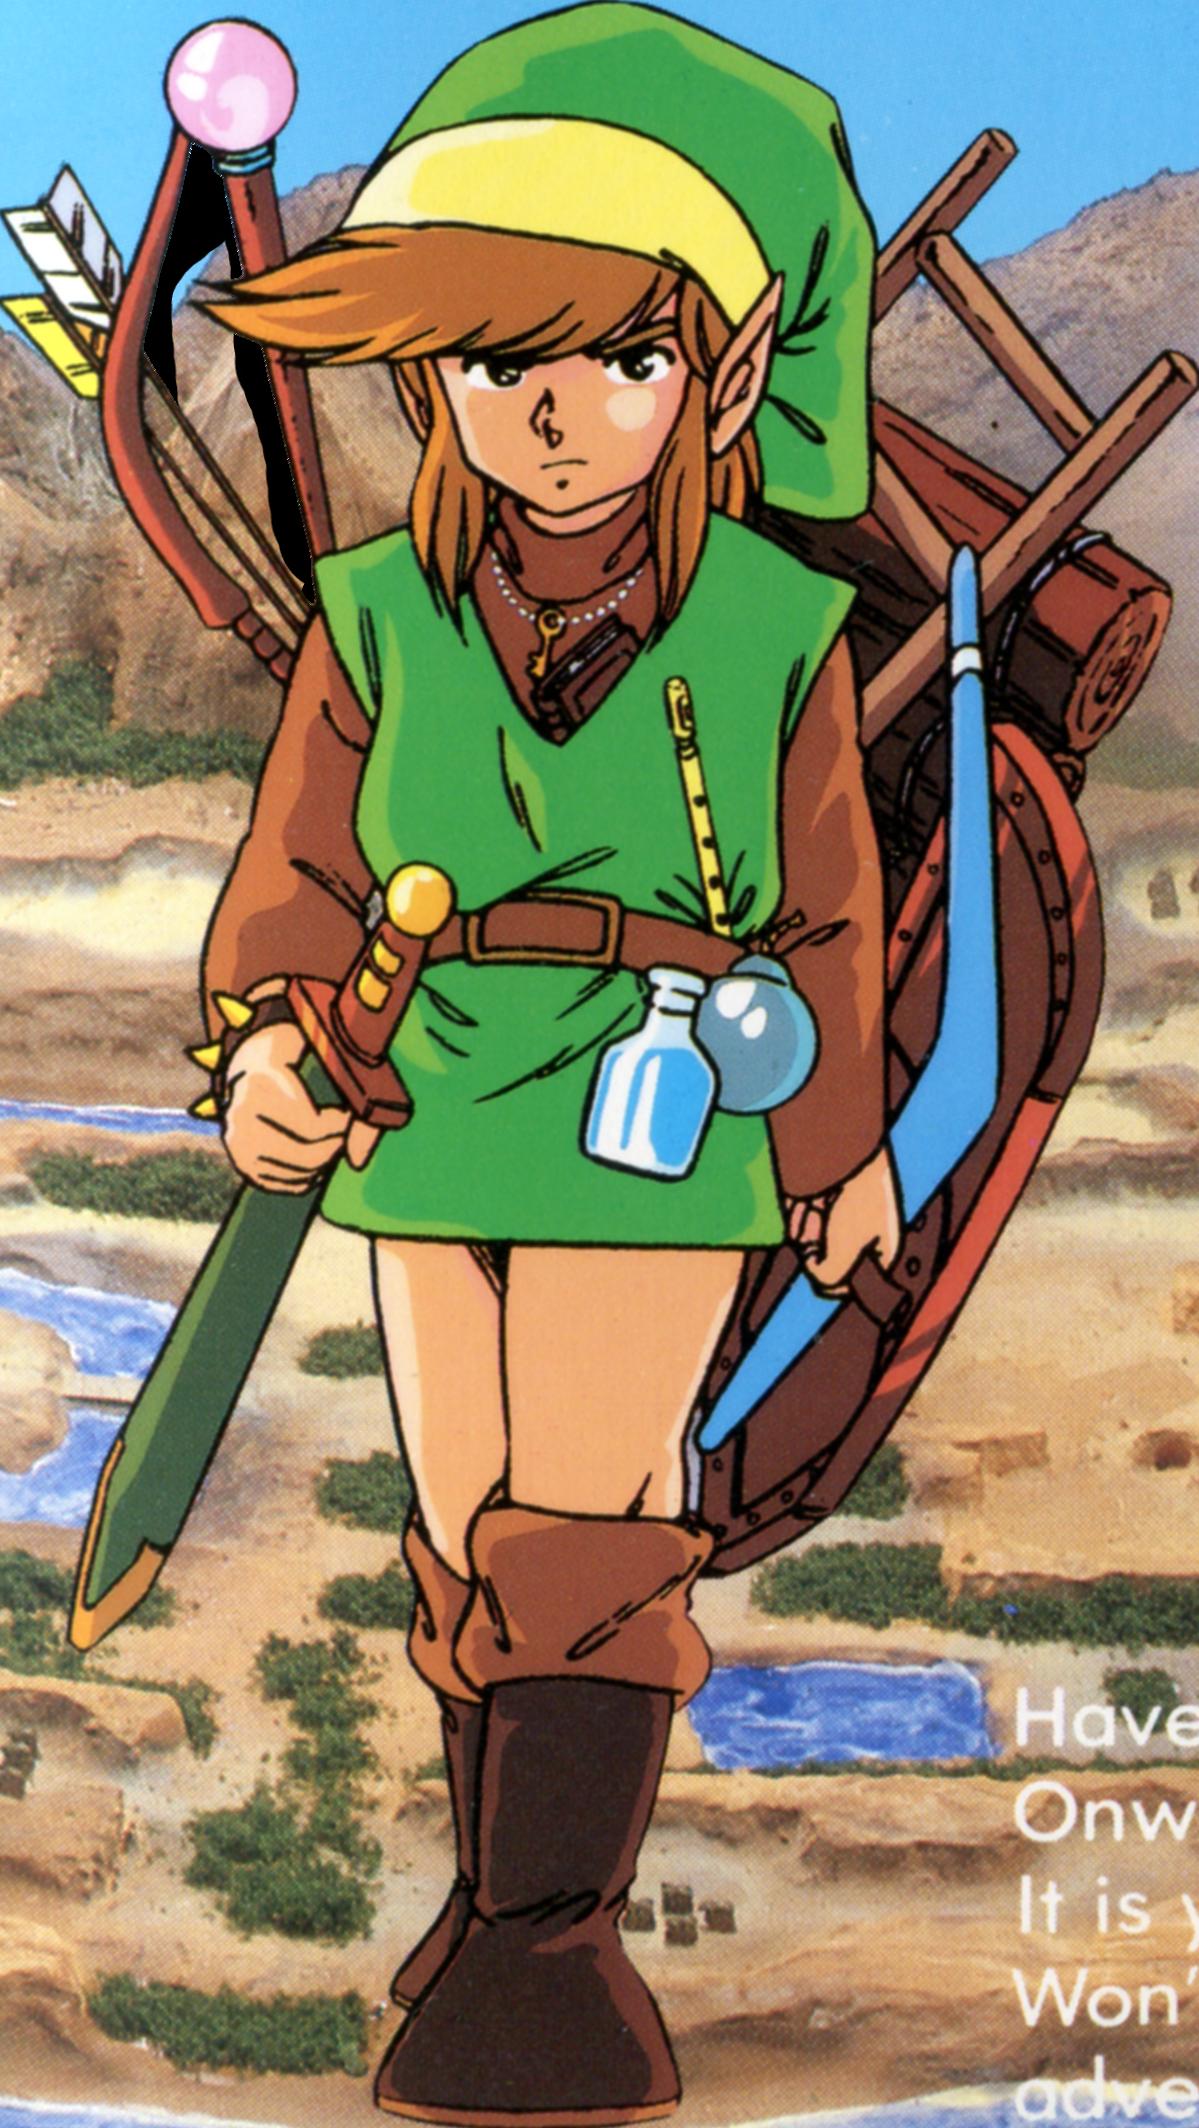 Personnages dans the legend of zelda zeldawiki fandom - Link dans zelda ...